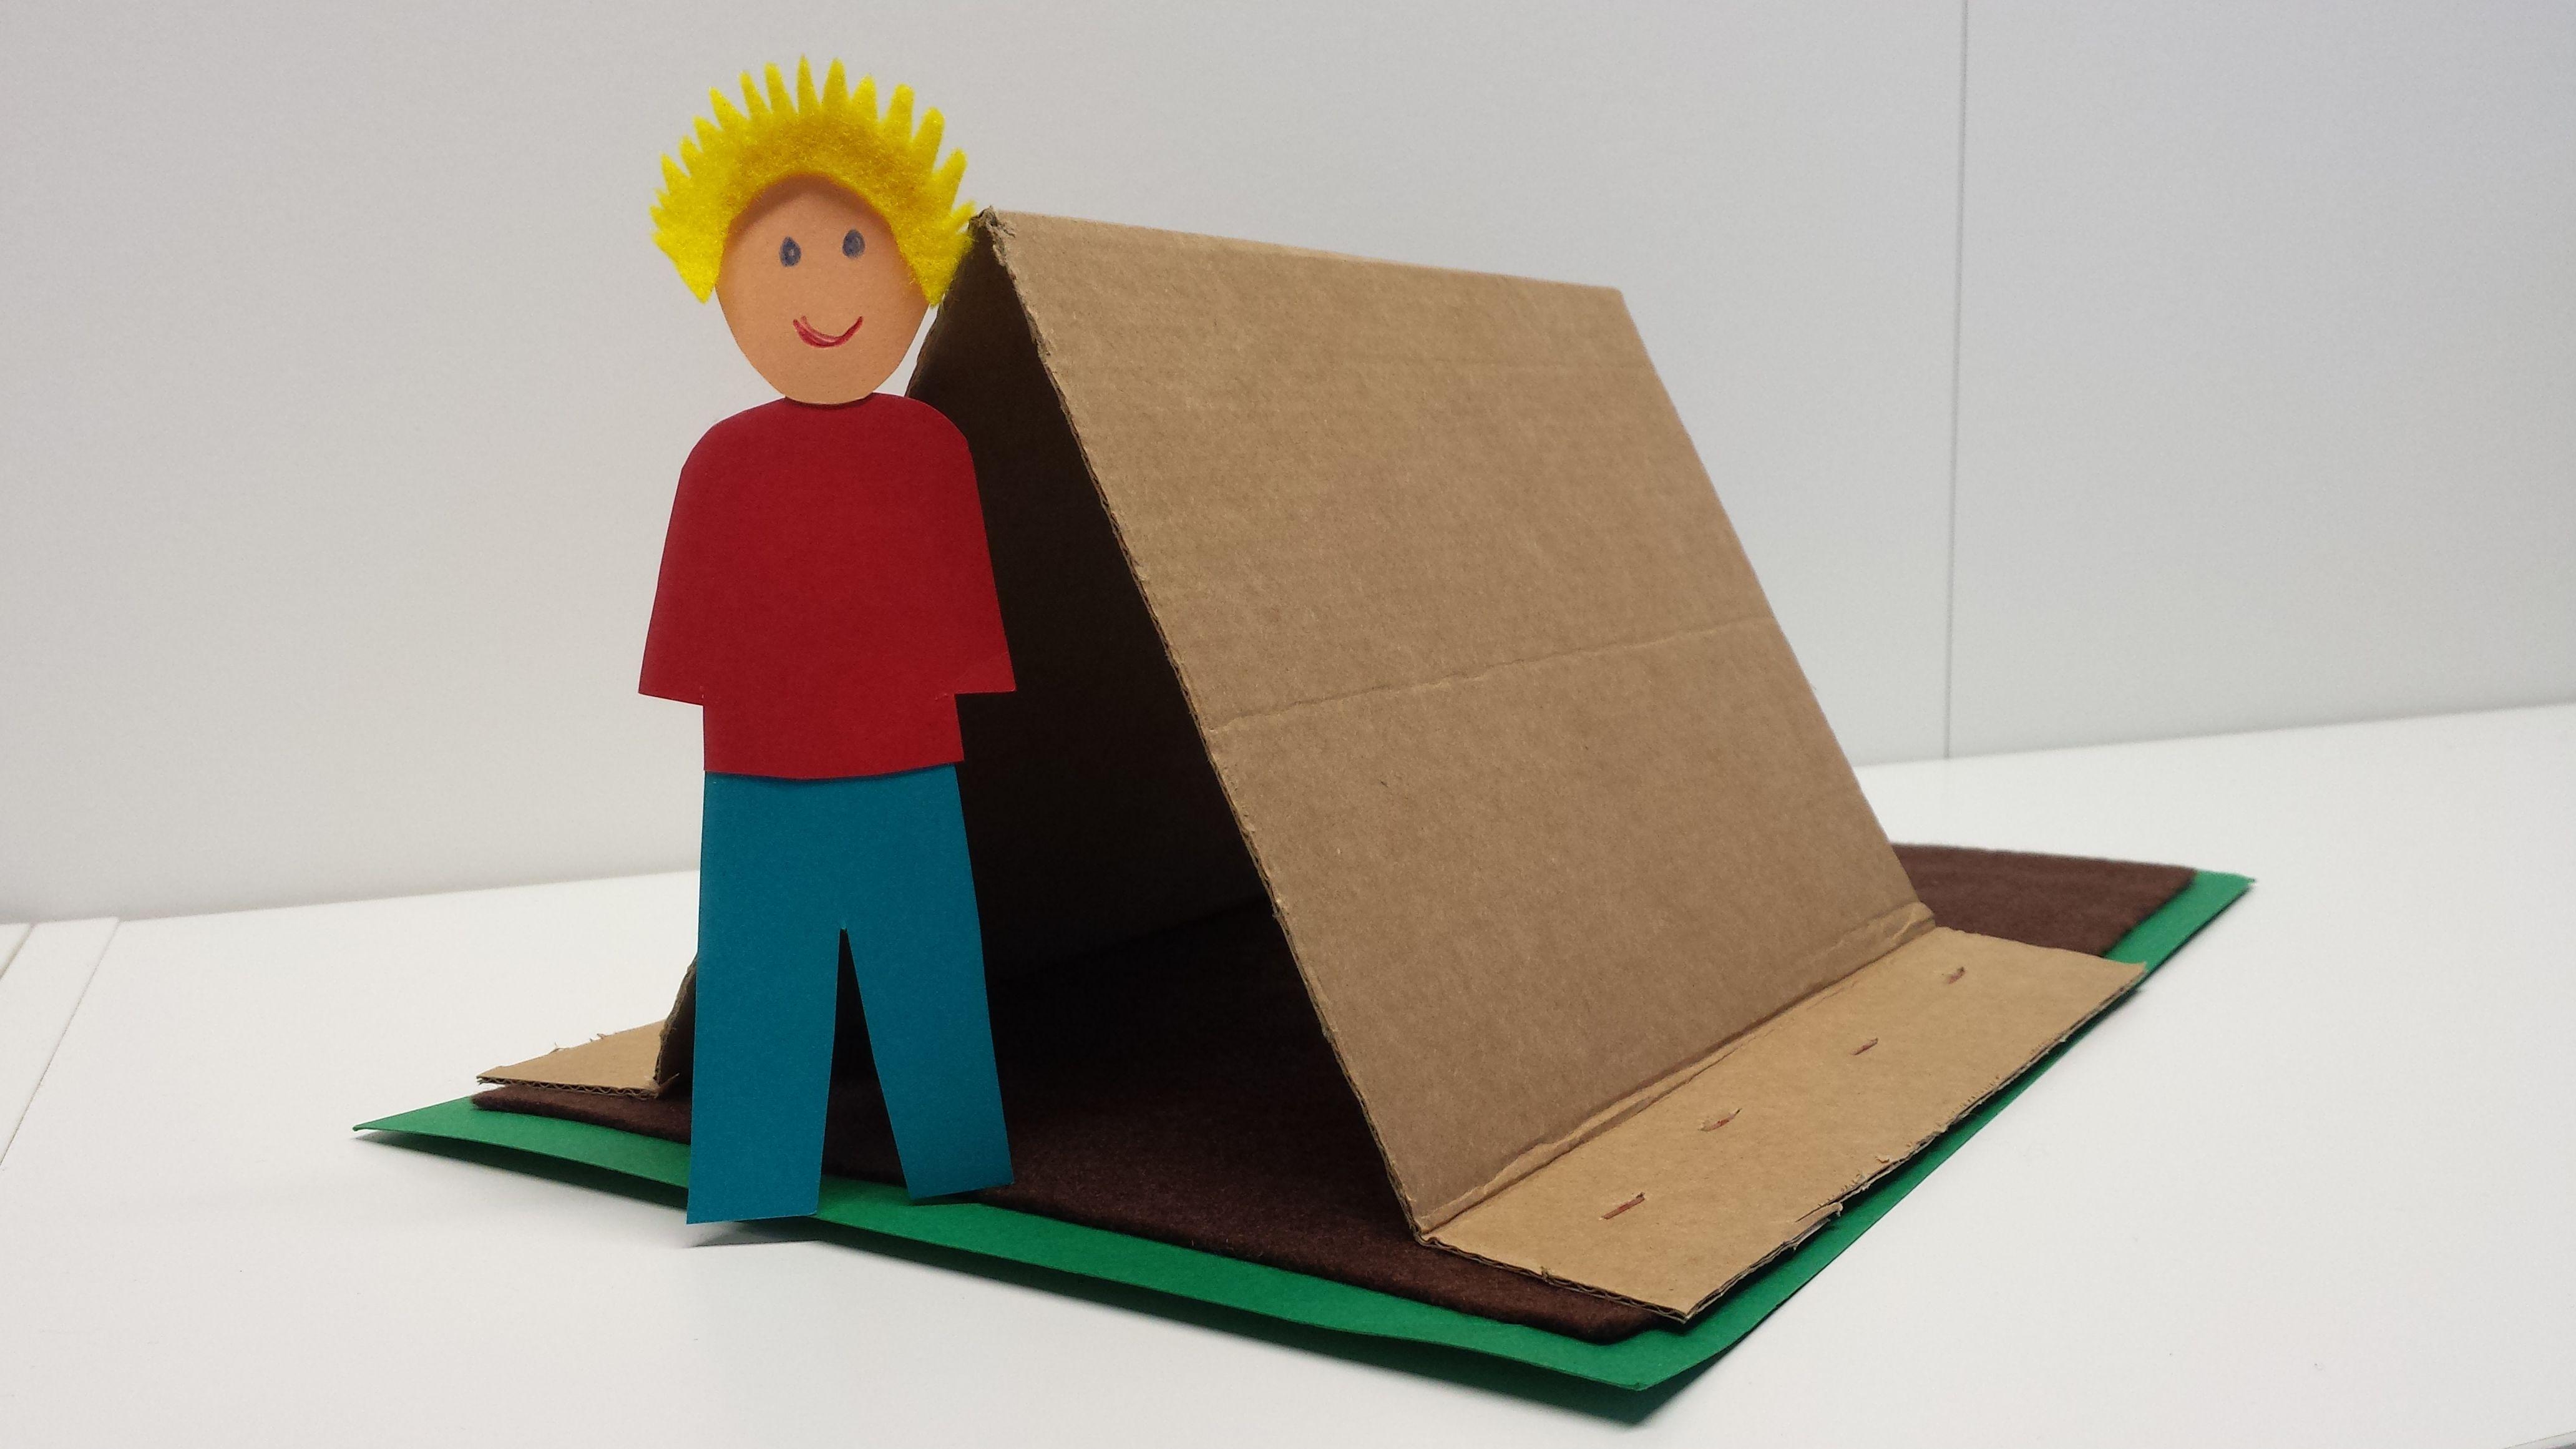 Emmin teltta. askartelu | kädentaidot | paperi | lasten | lapset | helppo | askarrellaan | kids | children | easy | crafts | Pikku Kakkonen